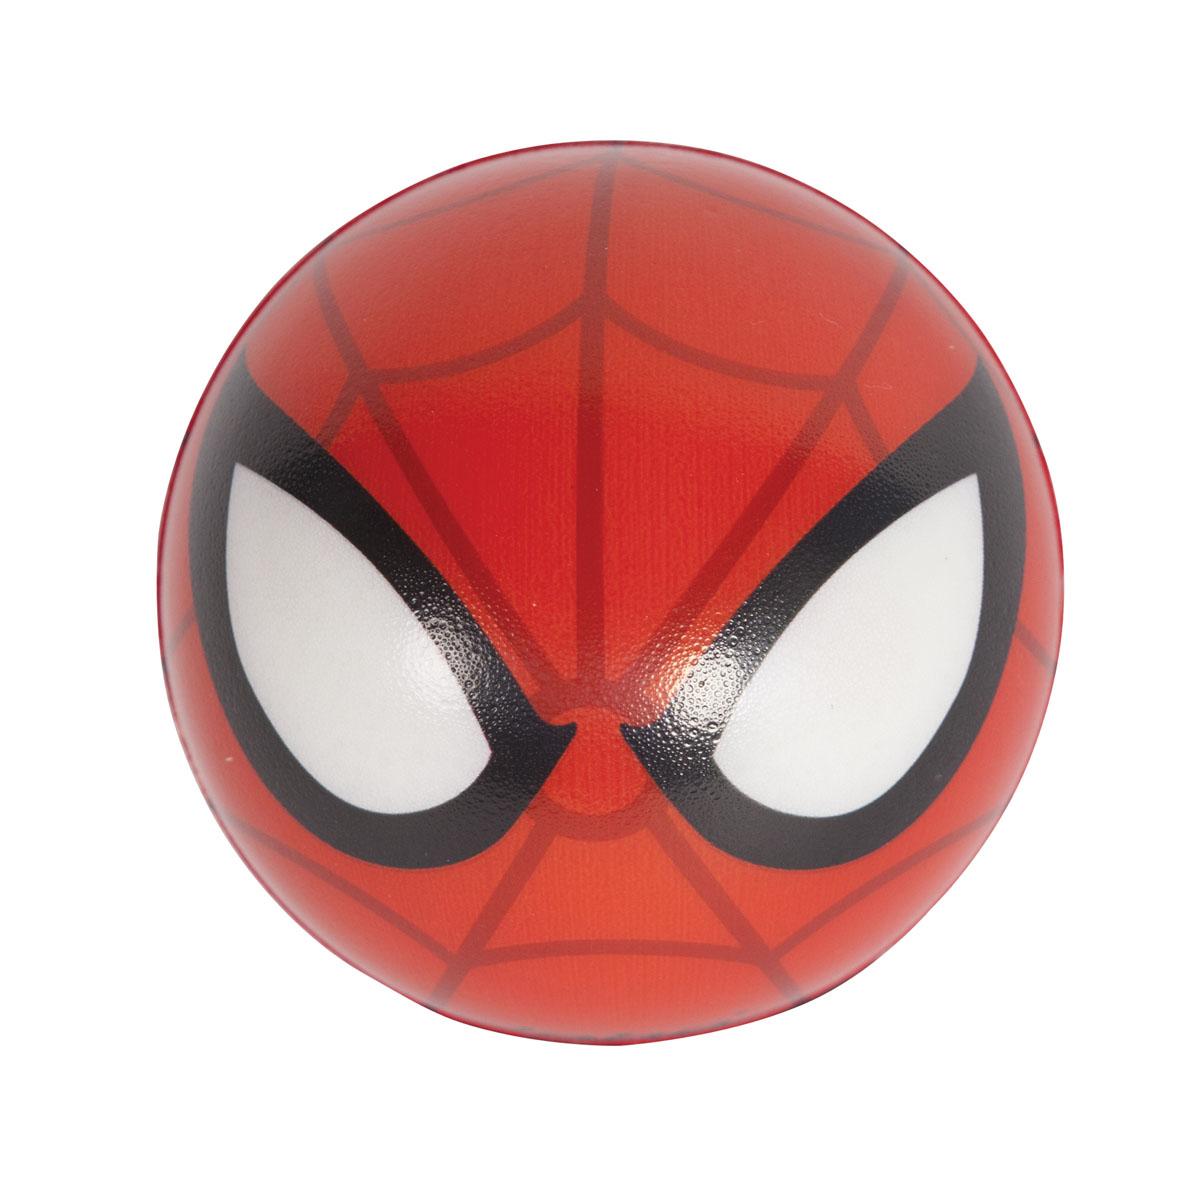 Мяч John Человек-Паук, 7,5 см10WDЯркий детский мяч John Человек-Паук - это игрушка для детей любого возраста. Он выполнен из вспененного полимера и оформлен красочным рисунком. Мяч незаменим для любителей подвижных игр и активного отдыха и абсолютно безопасен. Игры с мячом развивают координацию движений, способствуют физическому развитию ребенка.